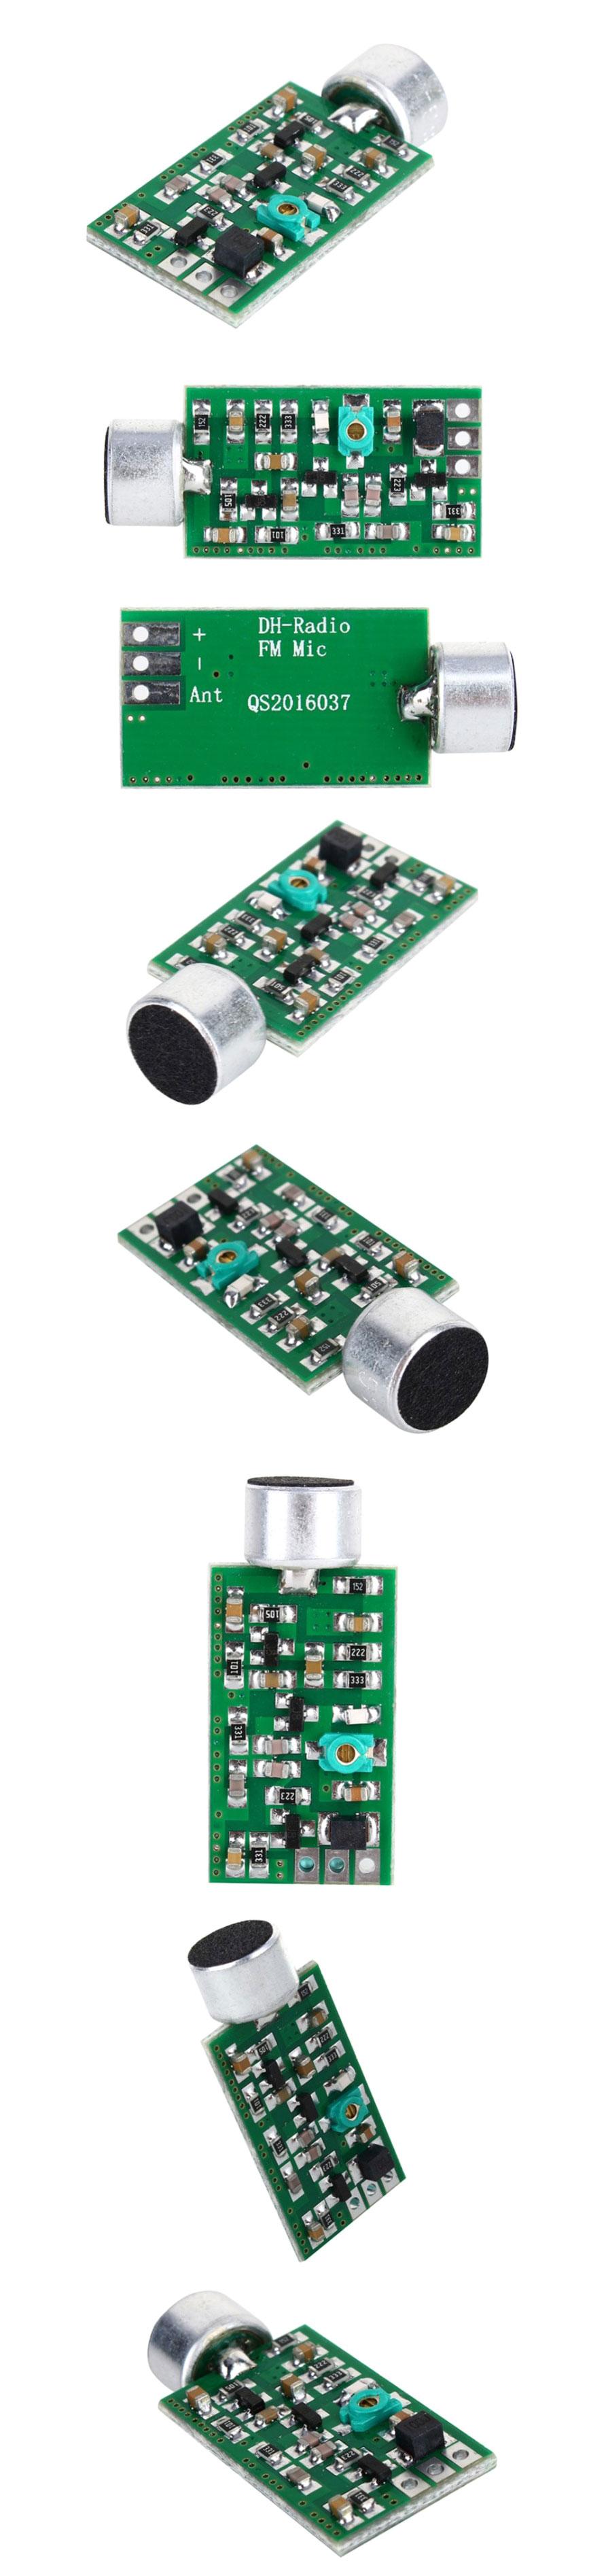 BTE-412 mini nadajnik FM UKF mikrofon bezprzewodowy szpiegowski